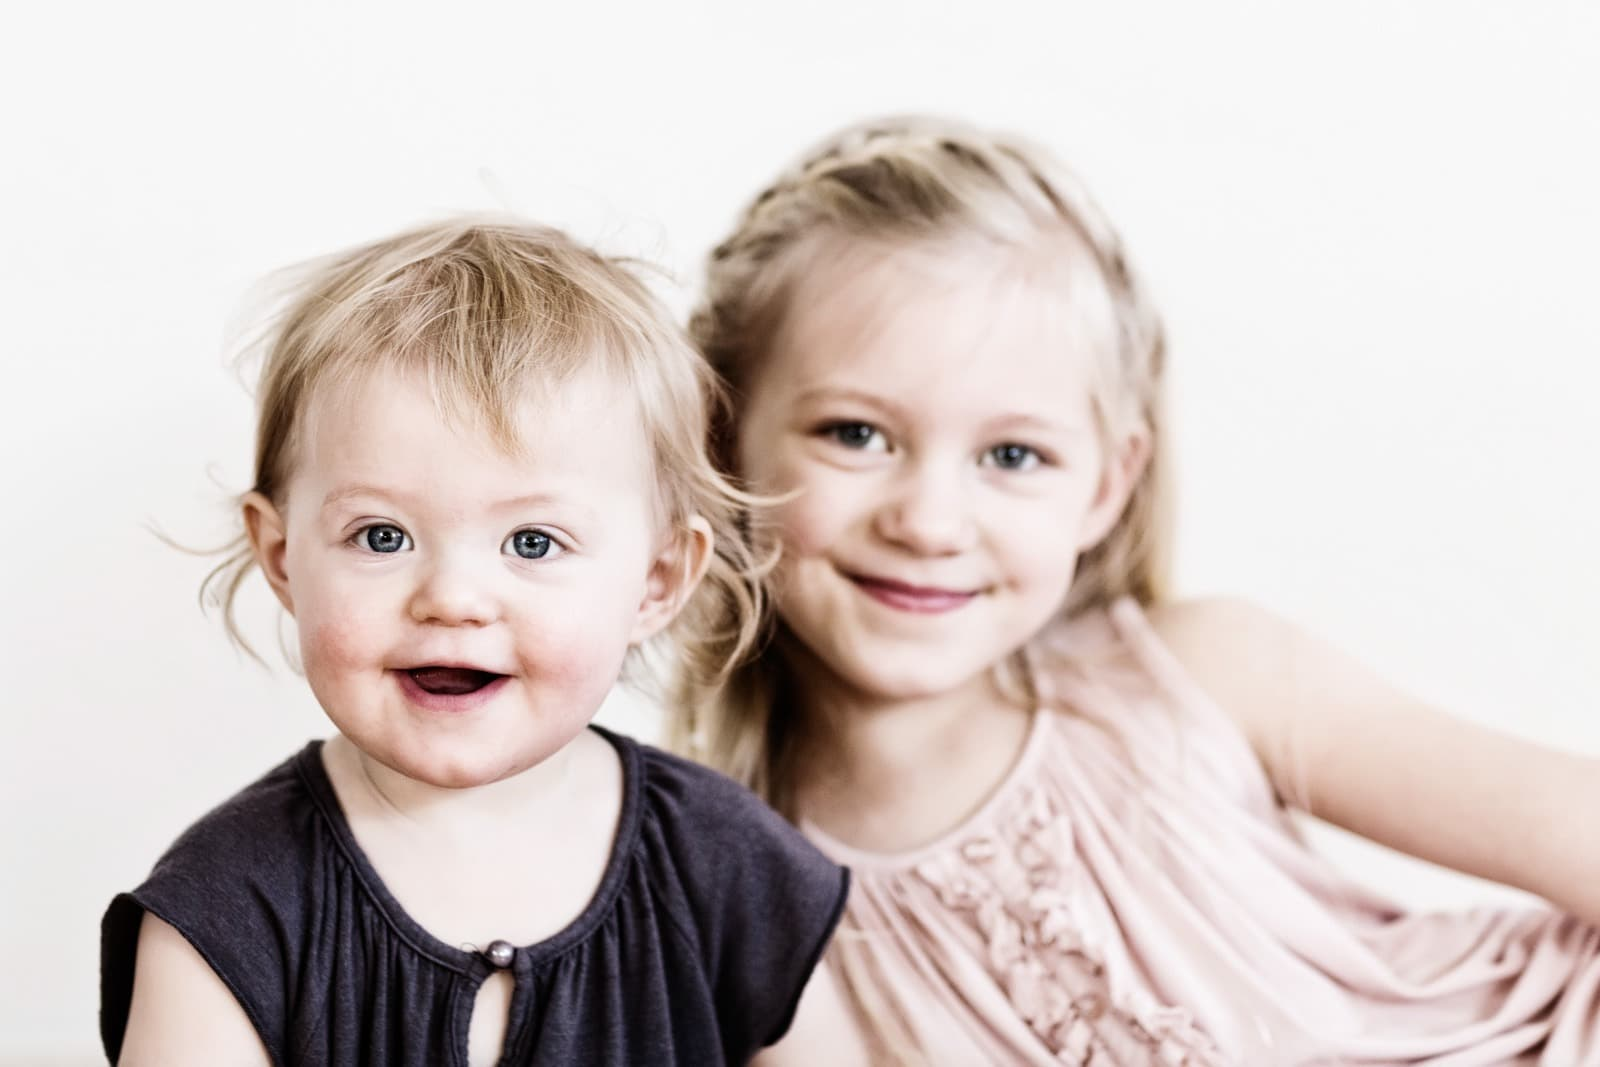 Søskendeportræt – 2 piger